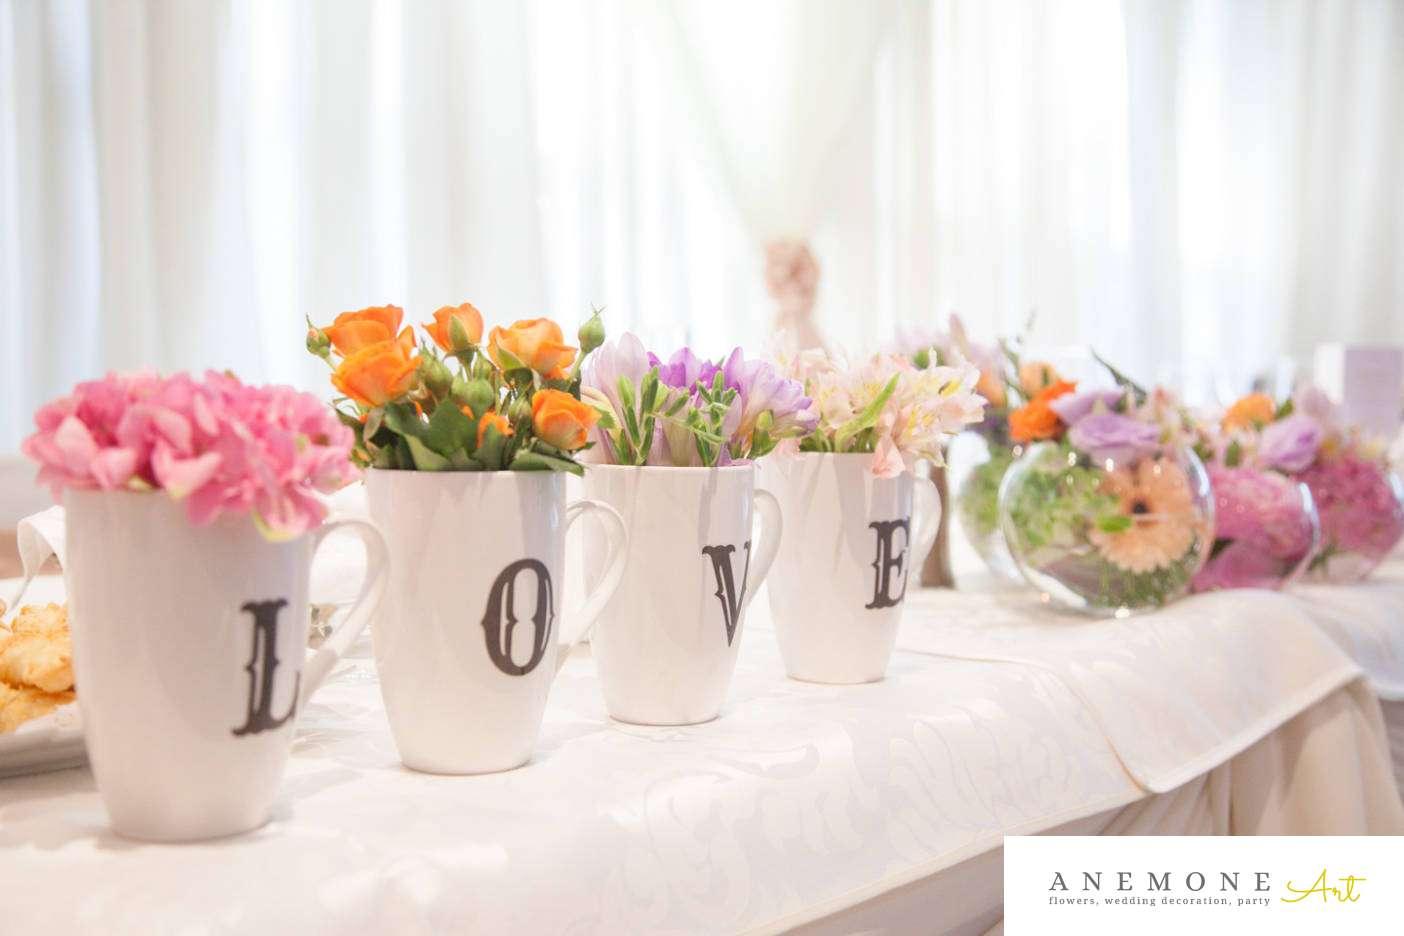 Poza, foto cu Flori de nunta hotel continental, piersica, prezidiu, roz in Arad, Timisoara, Oradea (wedding flowers, bouquets) nunta Arad, Timisoara, Oradea